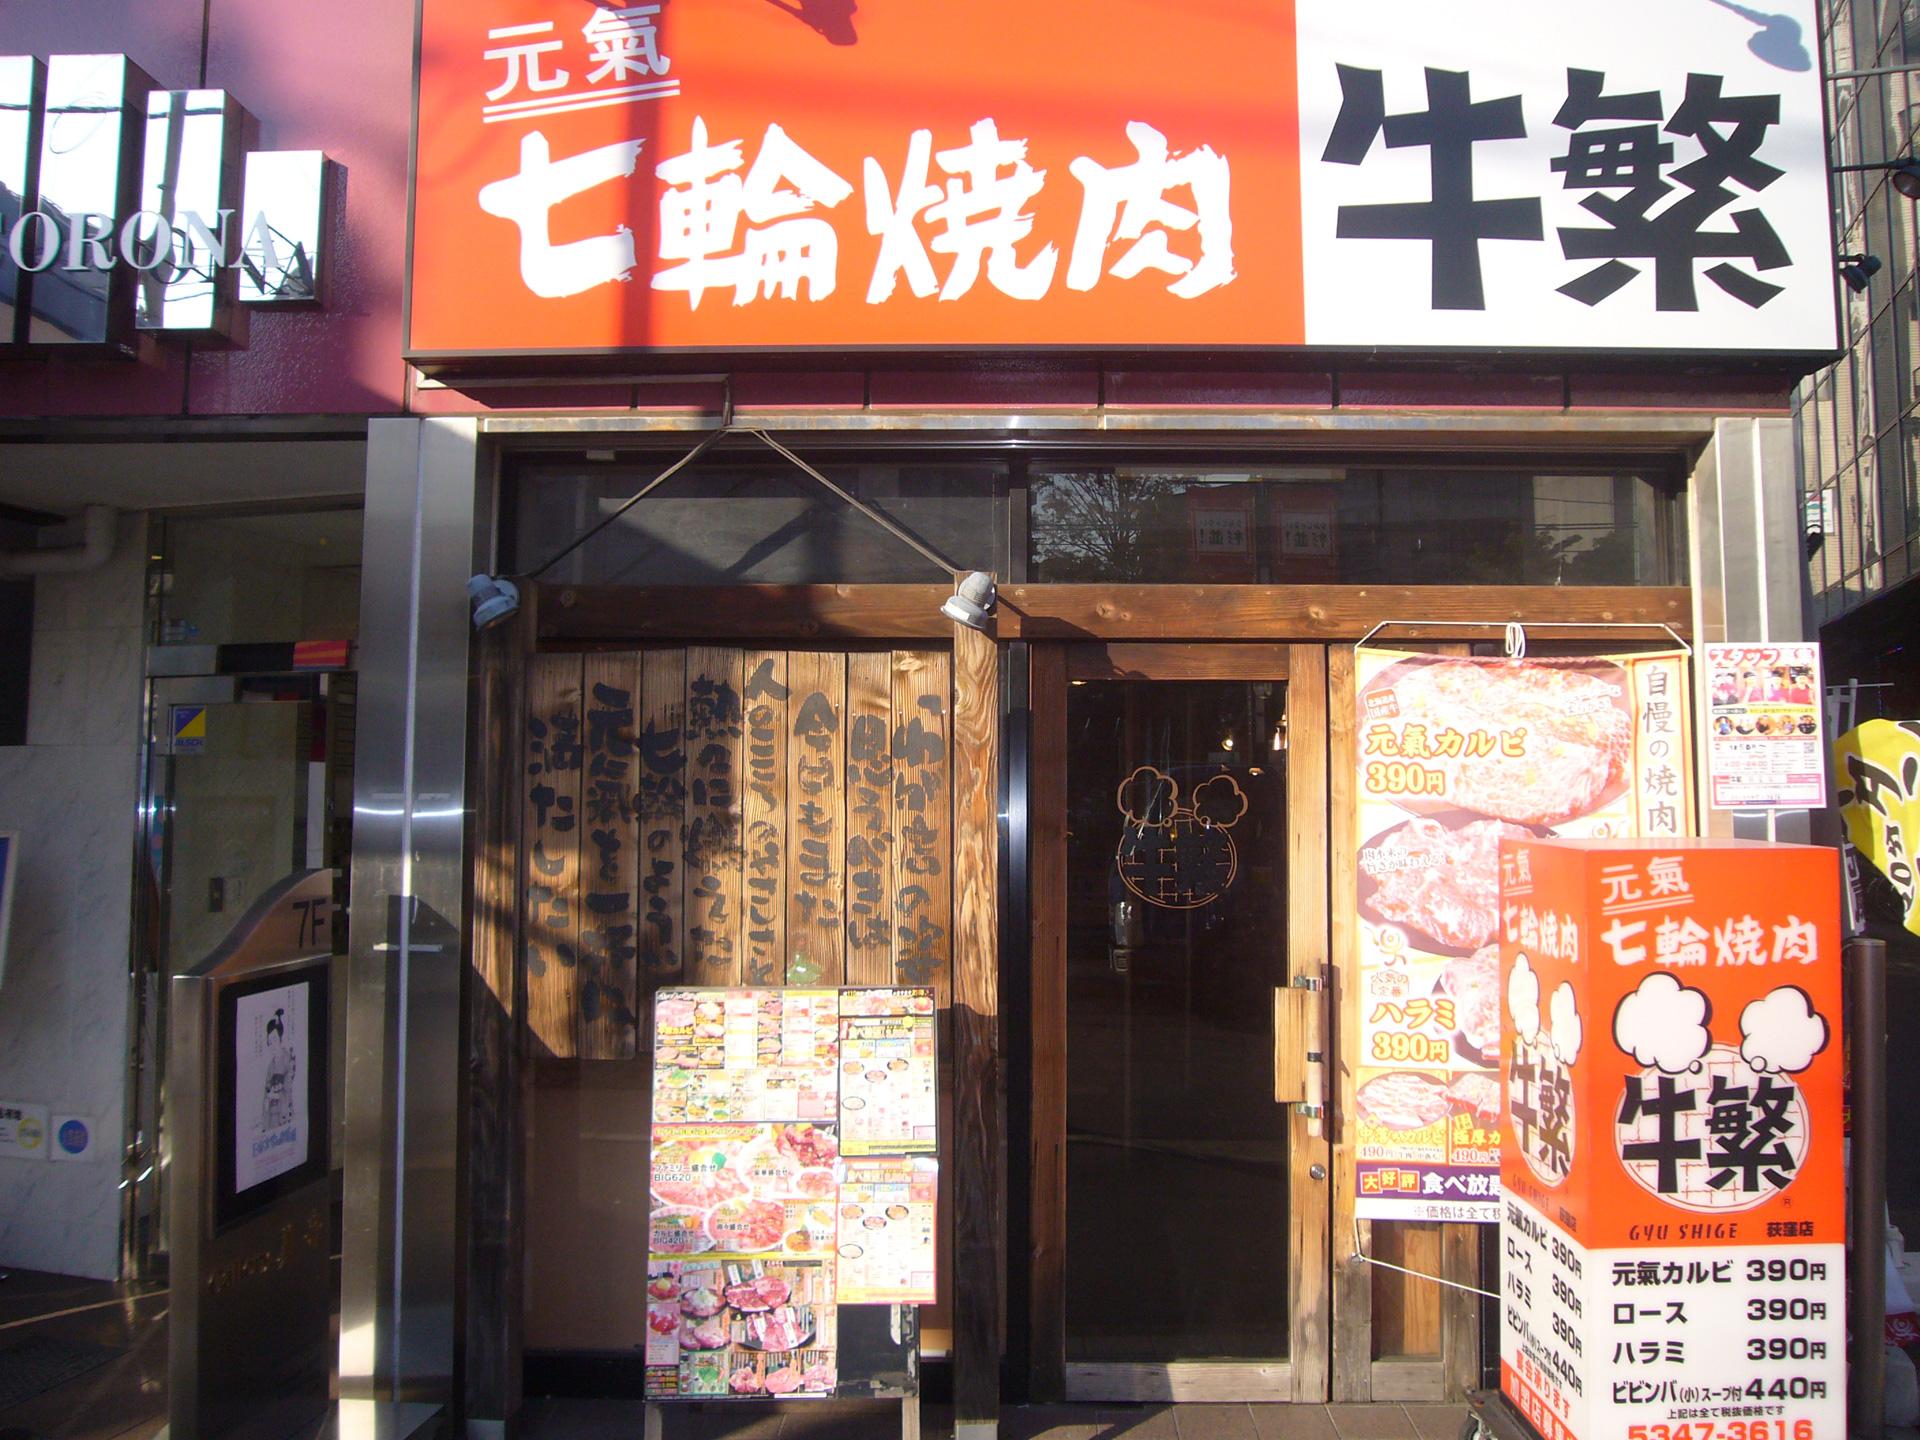 元気七輪焼肉 牛繁 荻窪店